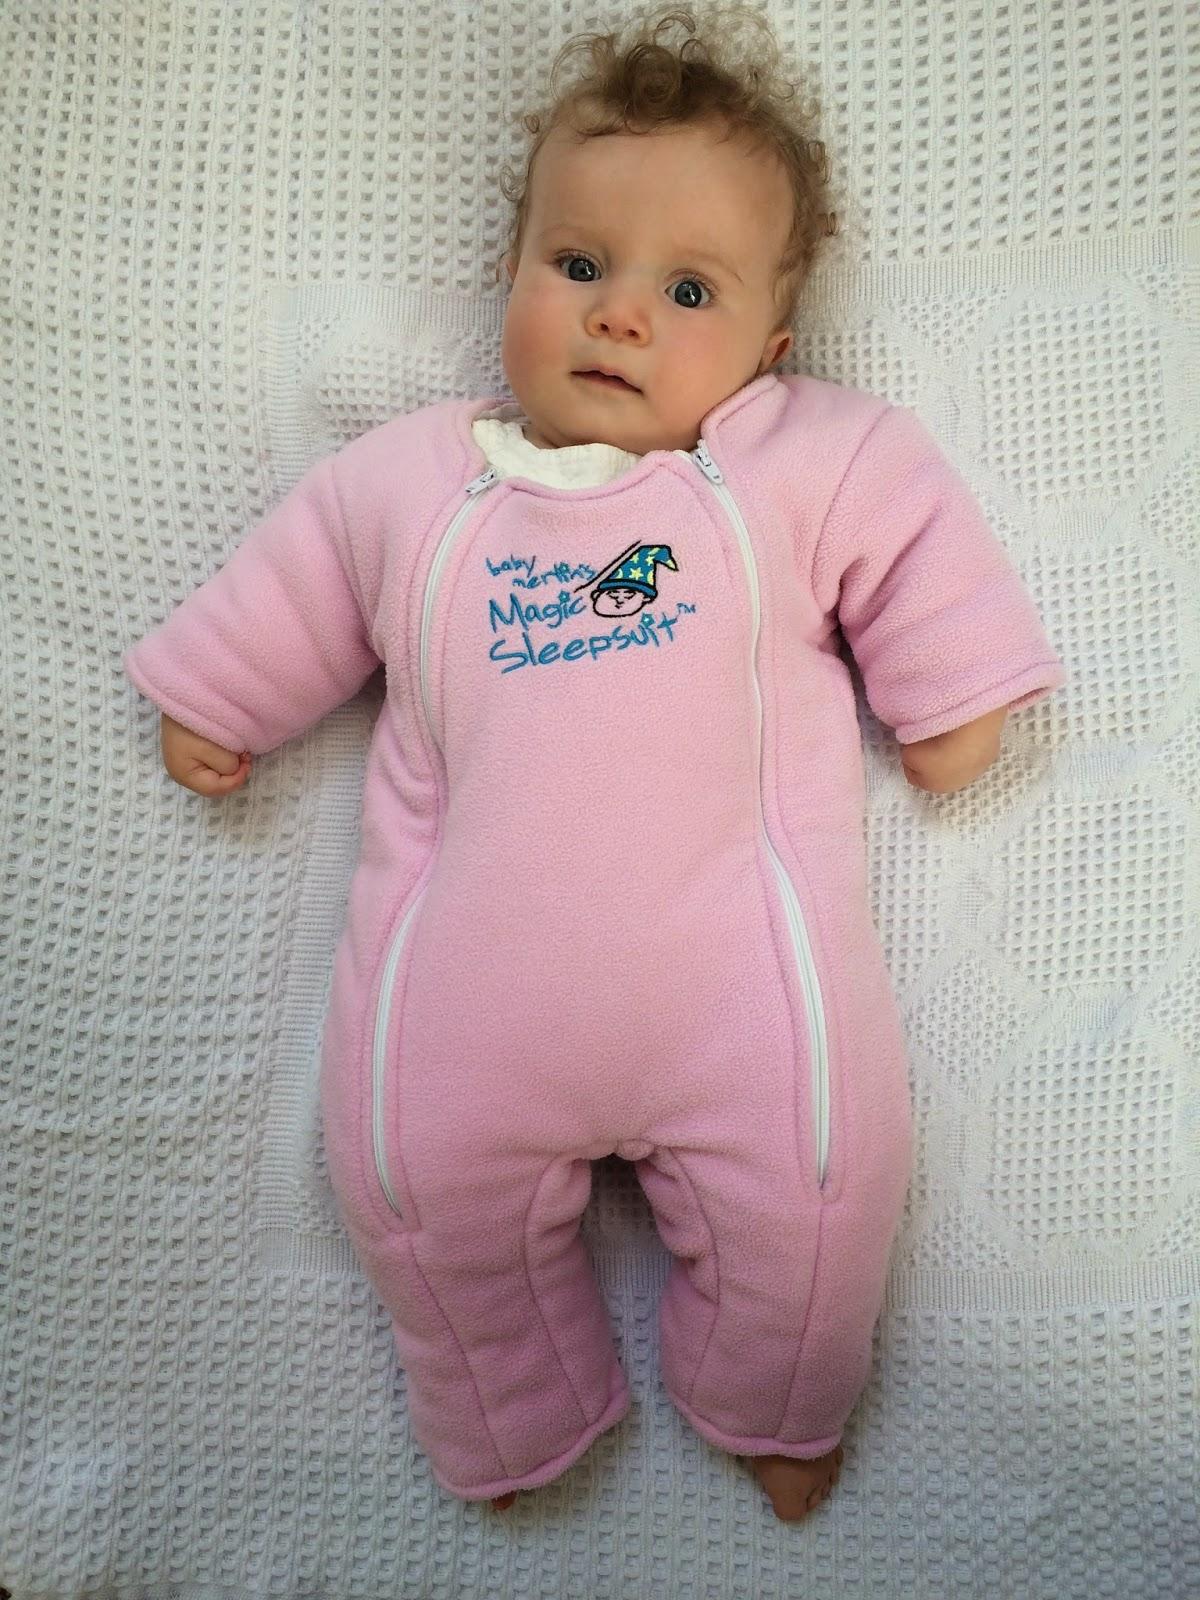 Baby Merlin s Magic Sleepsuit ~ My Baby Sleep Guide  6717489e9